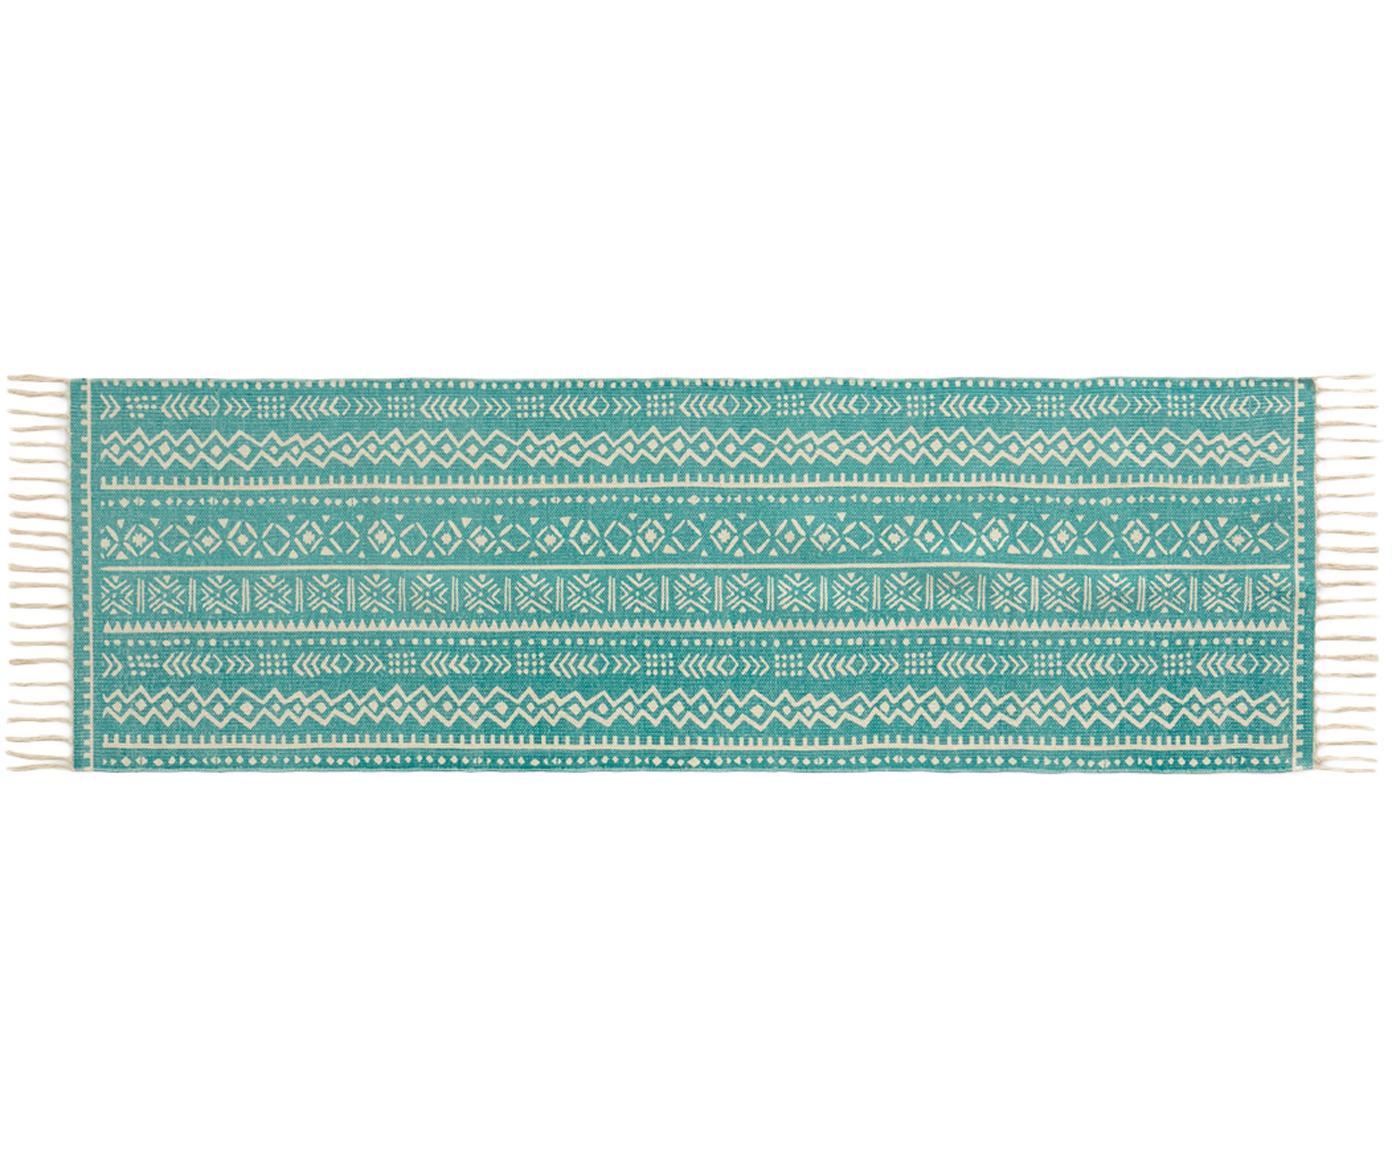 Läufer Afra mit grafischem Muster in Türkis-Weiß, 100% Baumwolle, Türkis, Gebrochenes Weiß, 60 x 190 cm